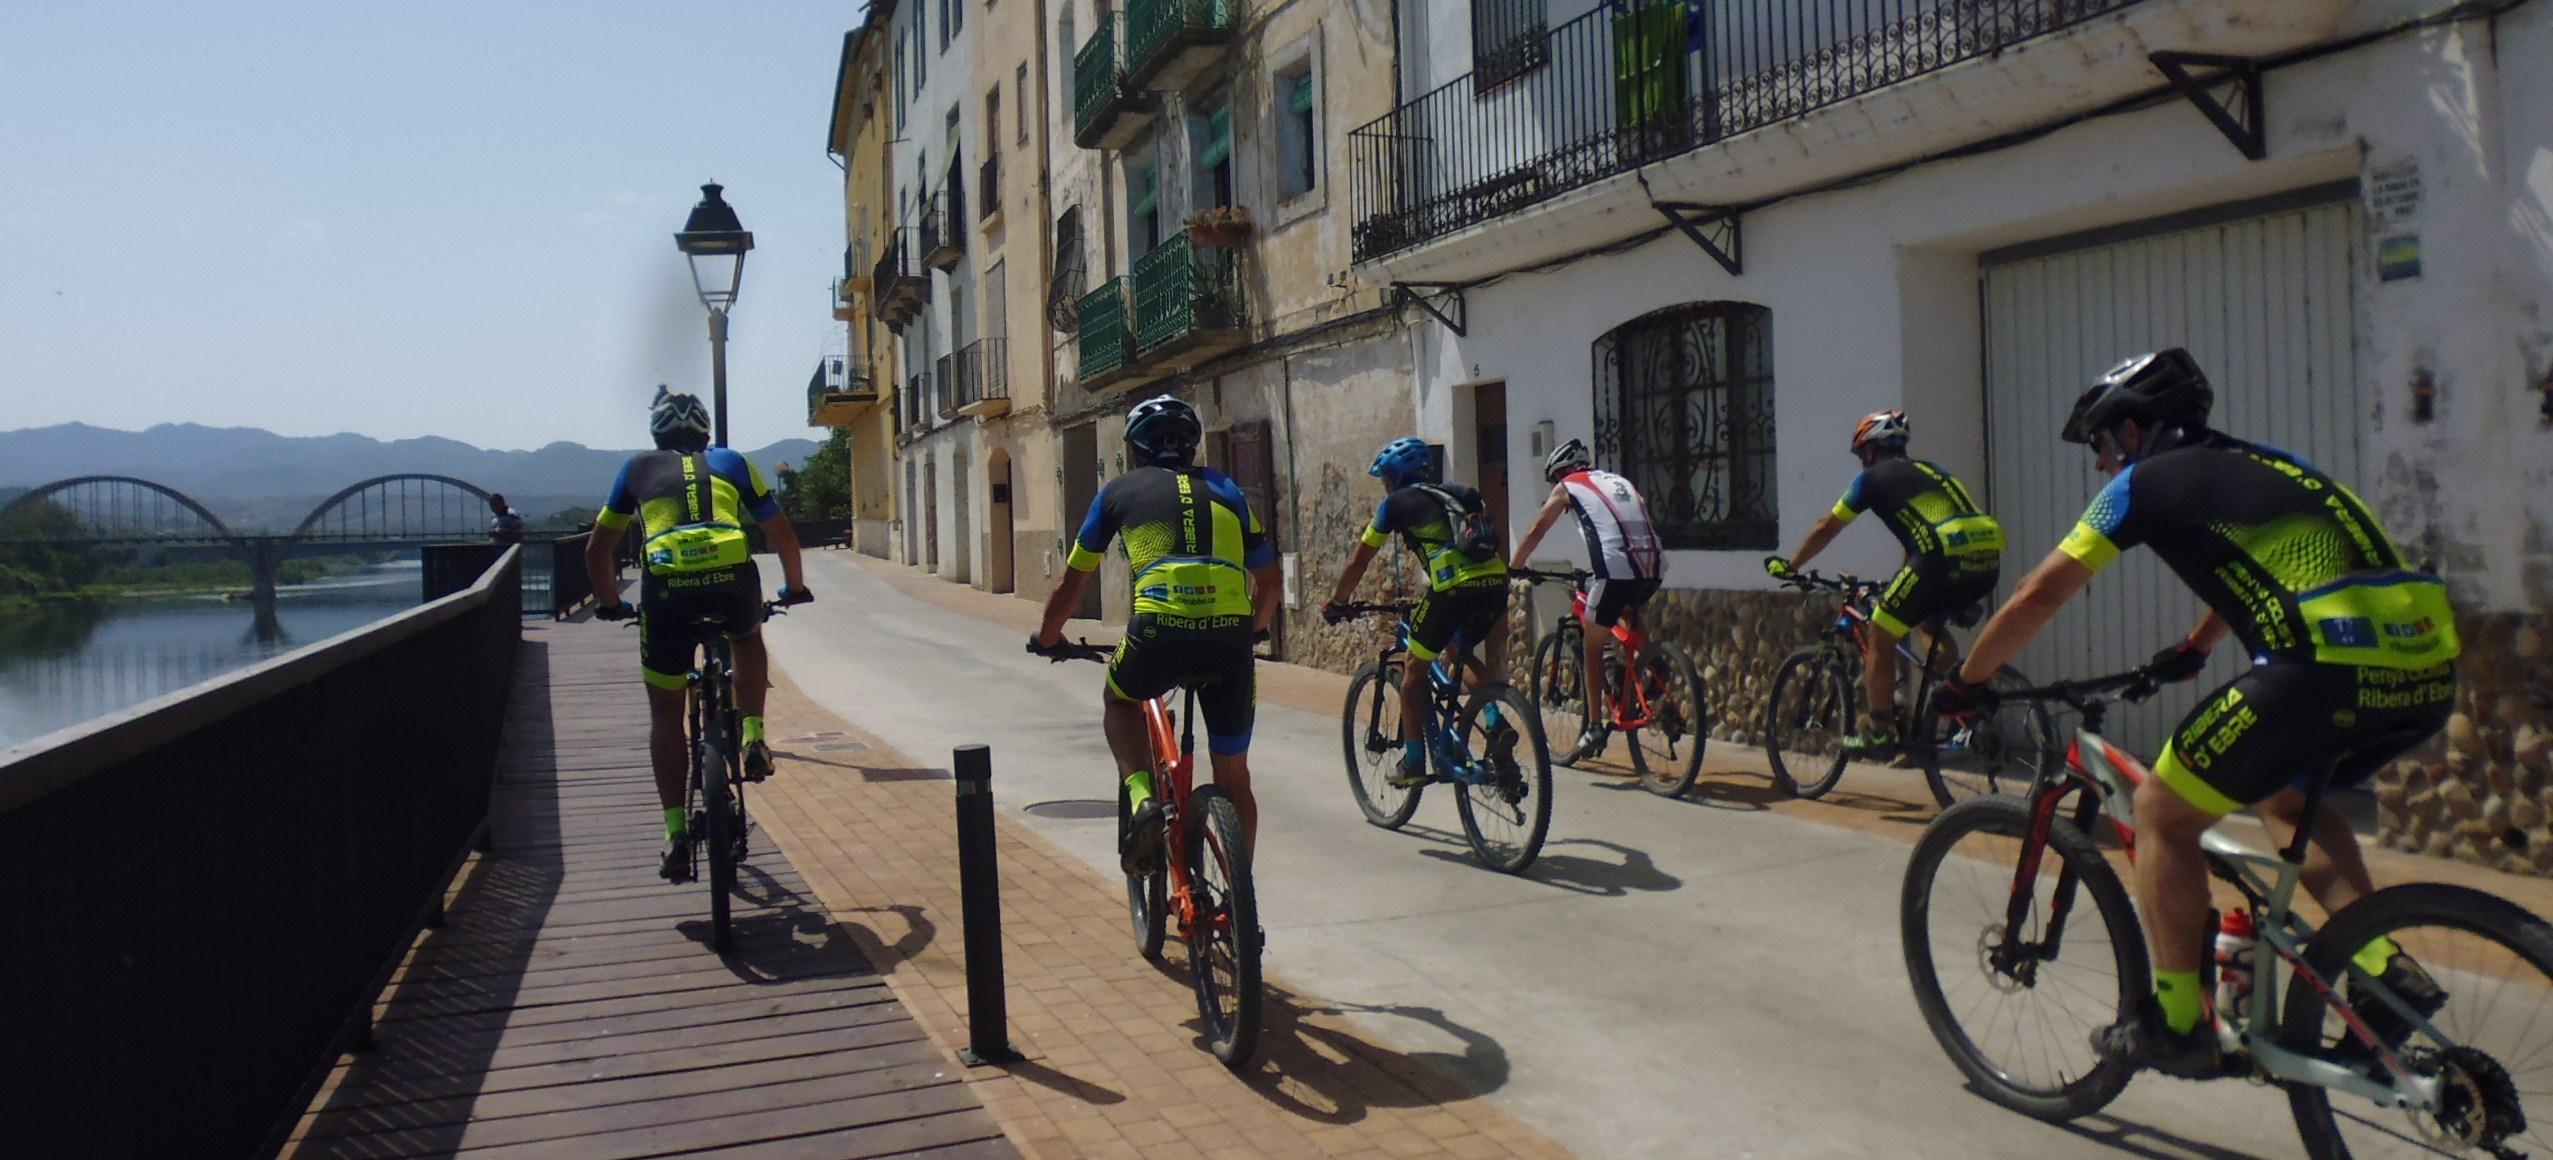 album de fotos de la penya ciclista ribera d'ebre el racó del soci/sòcia